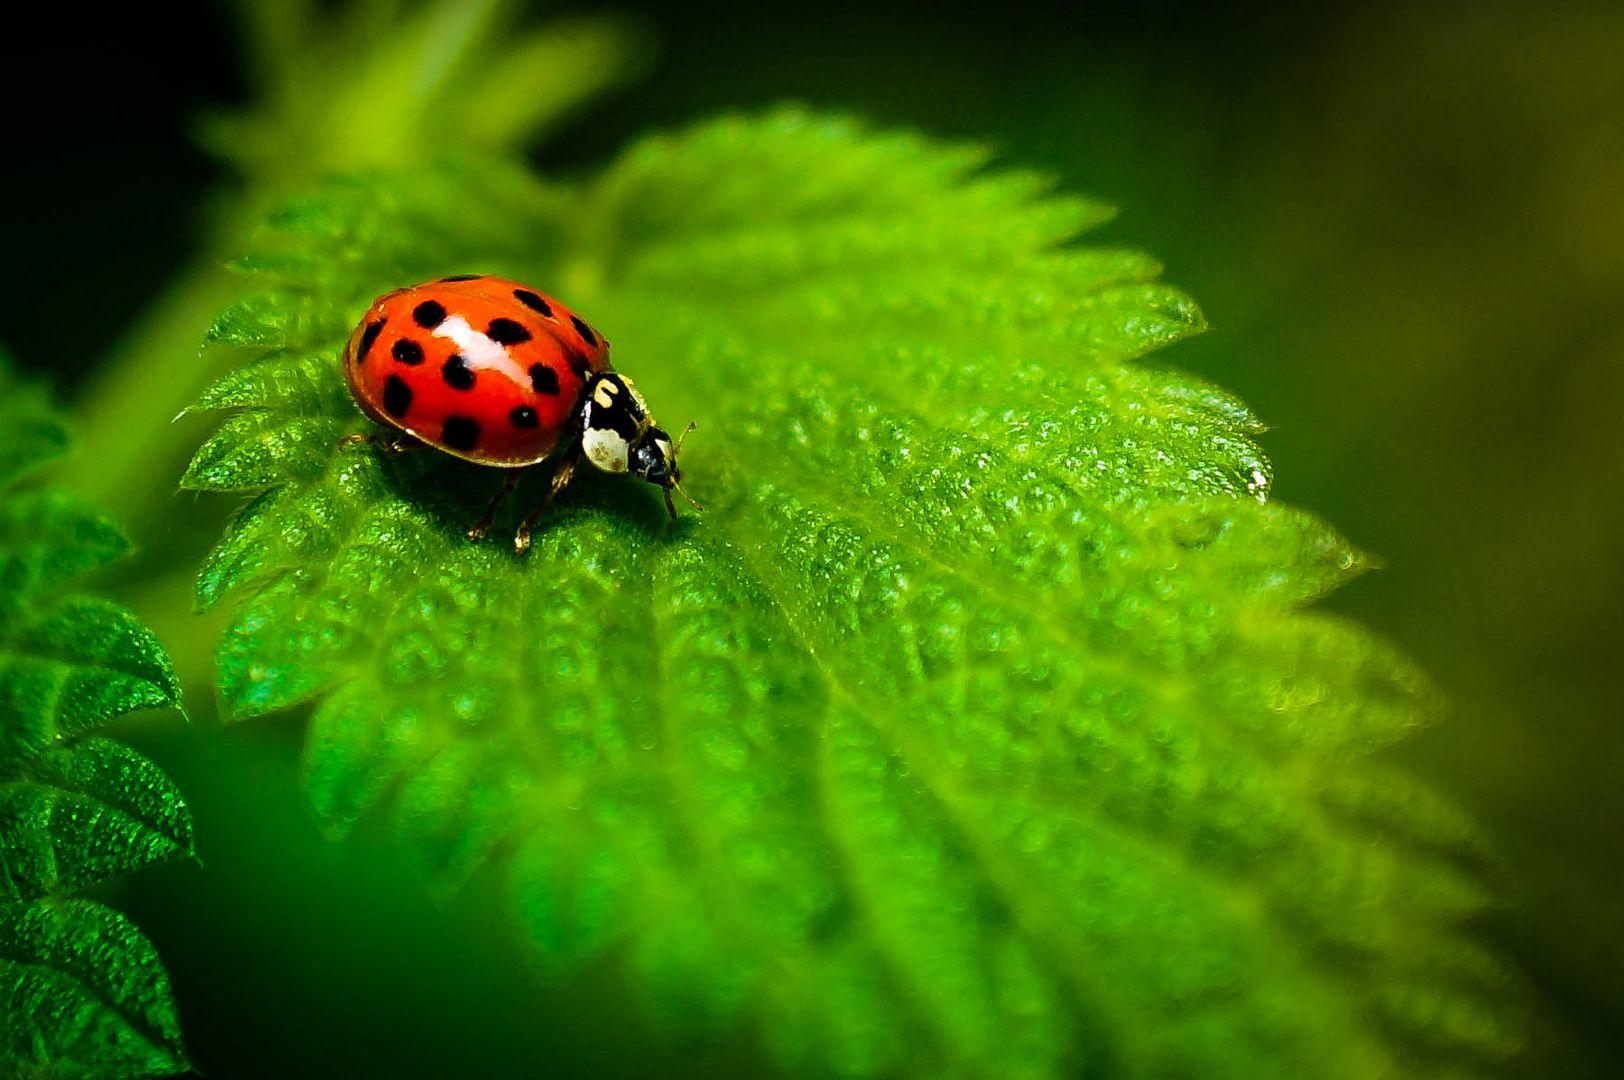 Ein einsamer Marienkäfer